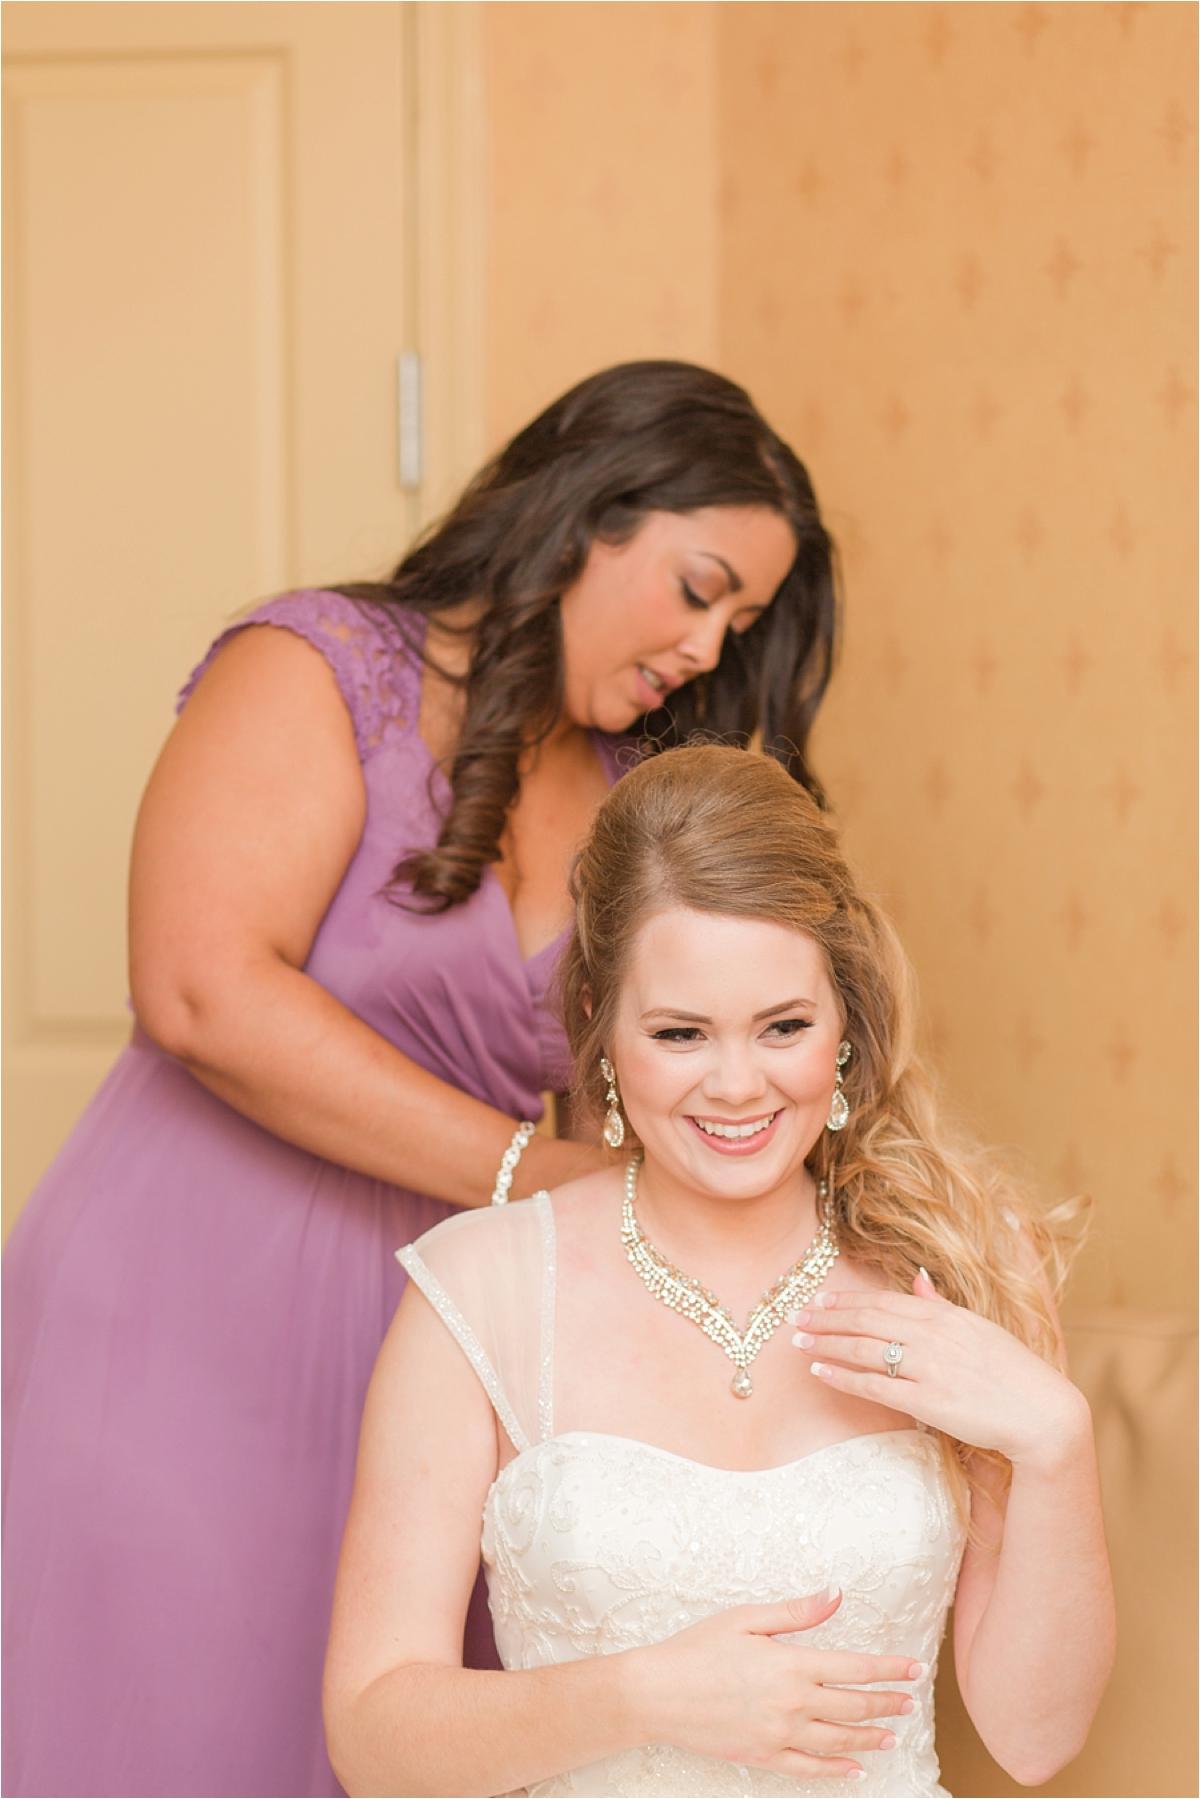 bold-jewelry-wedding-bridal-necklace-bride-bridesmaid-lavender